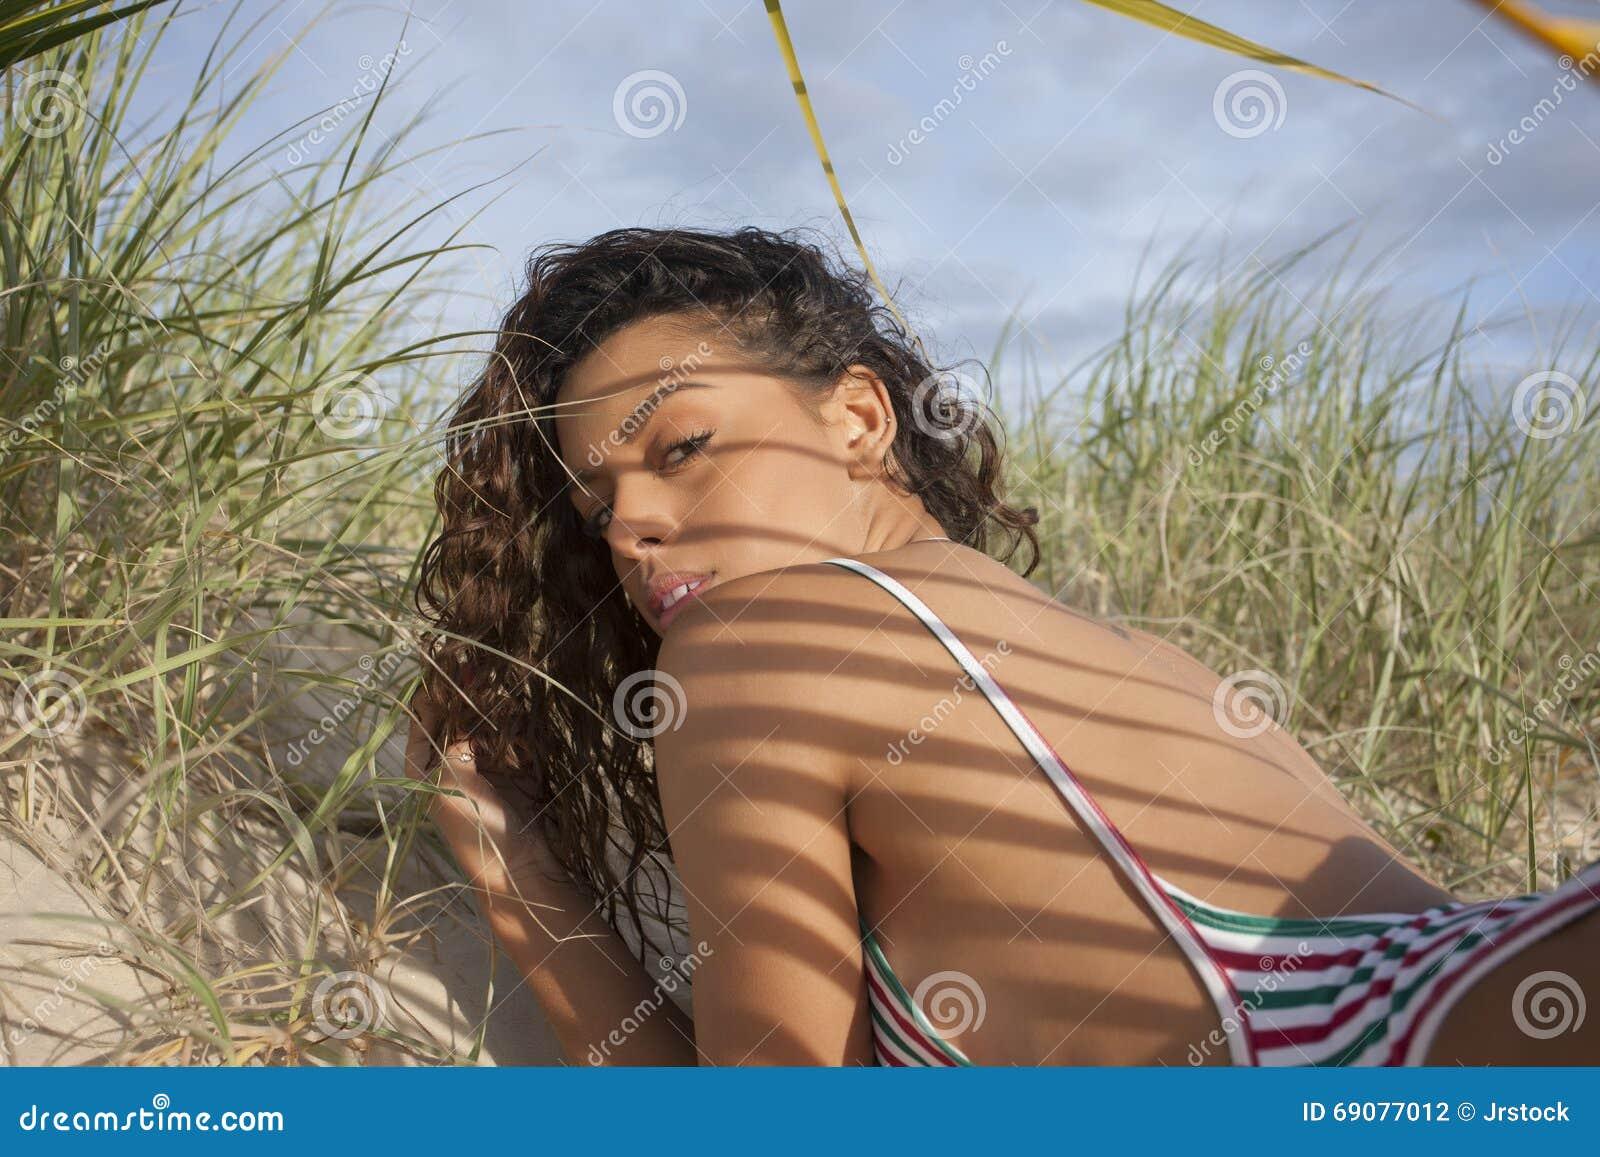 Смотреть гонки на пляже бикини